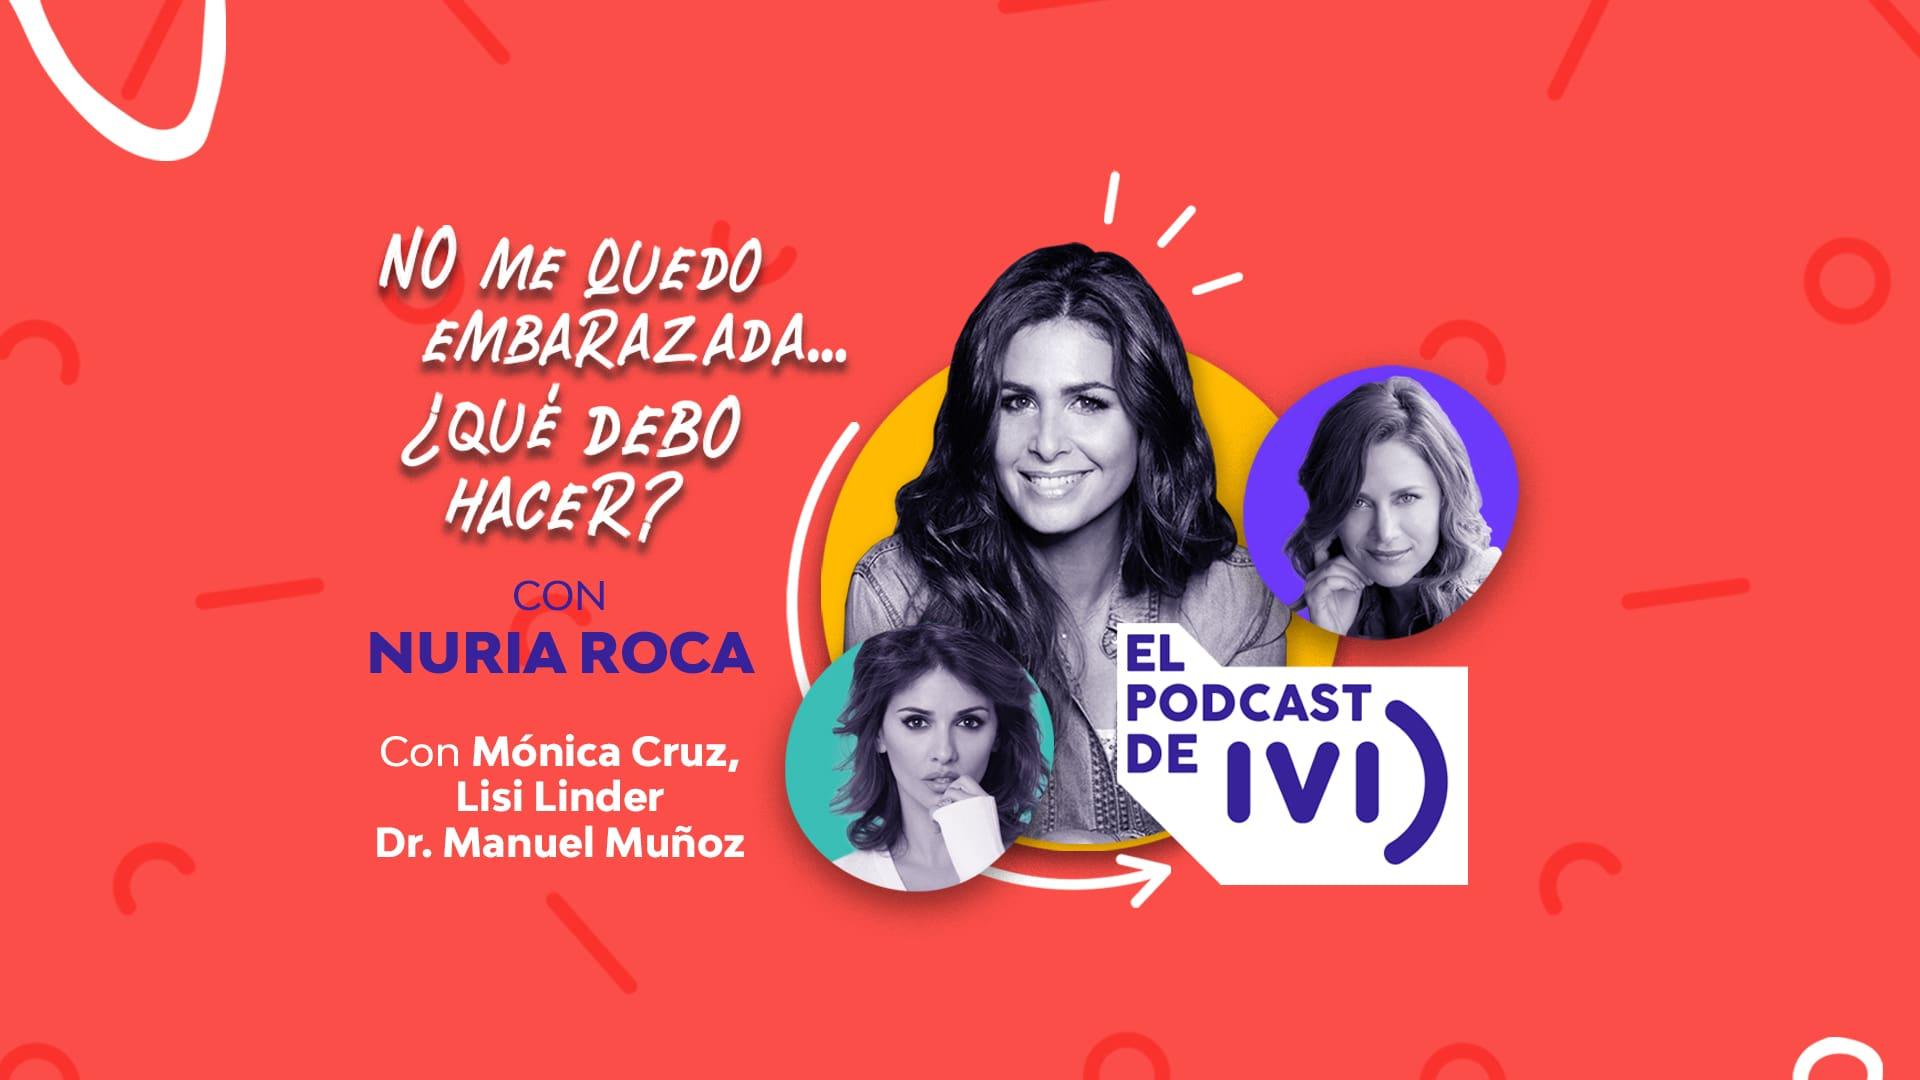 El podcast de IVI con Nuria Roca ep 03:  No me quedo embarazada… ¿Qué debo hacer?